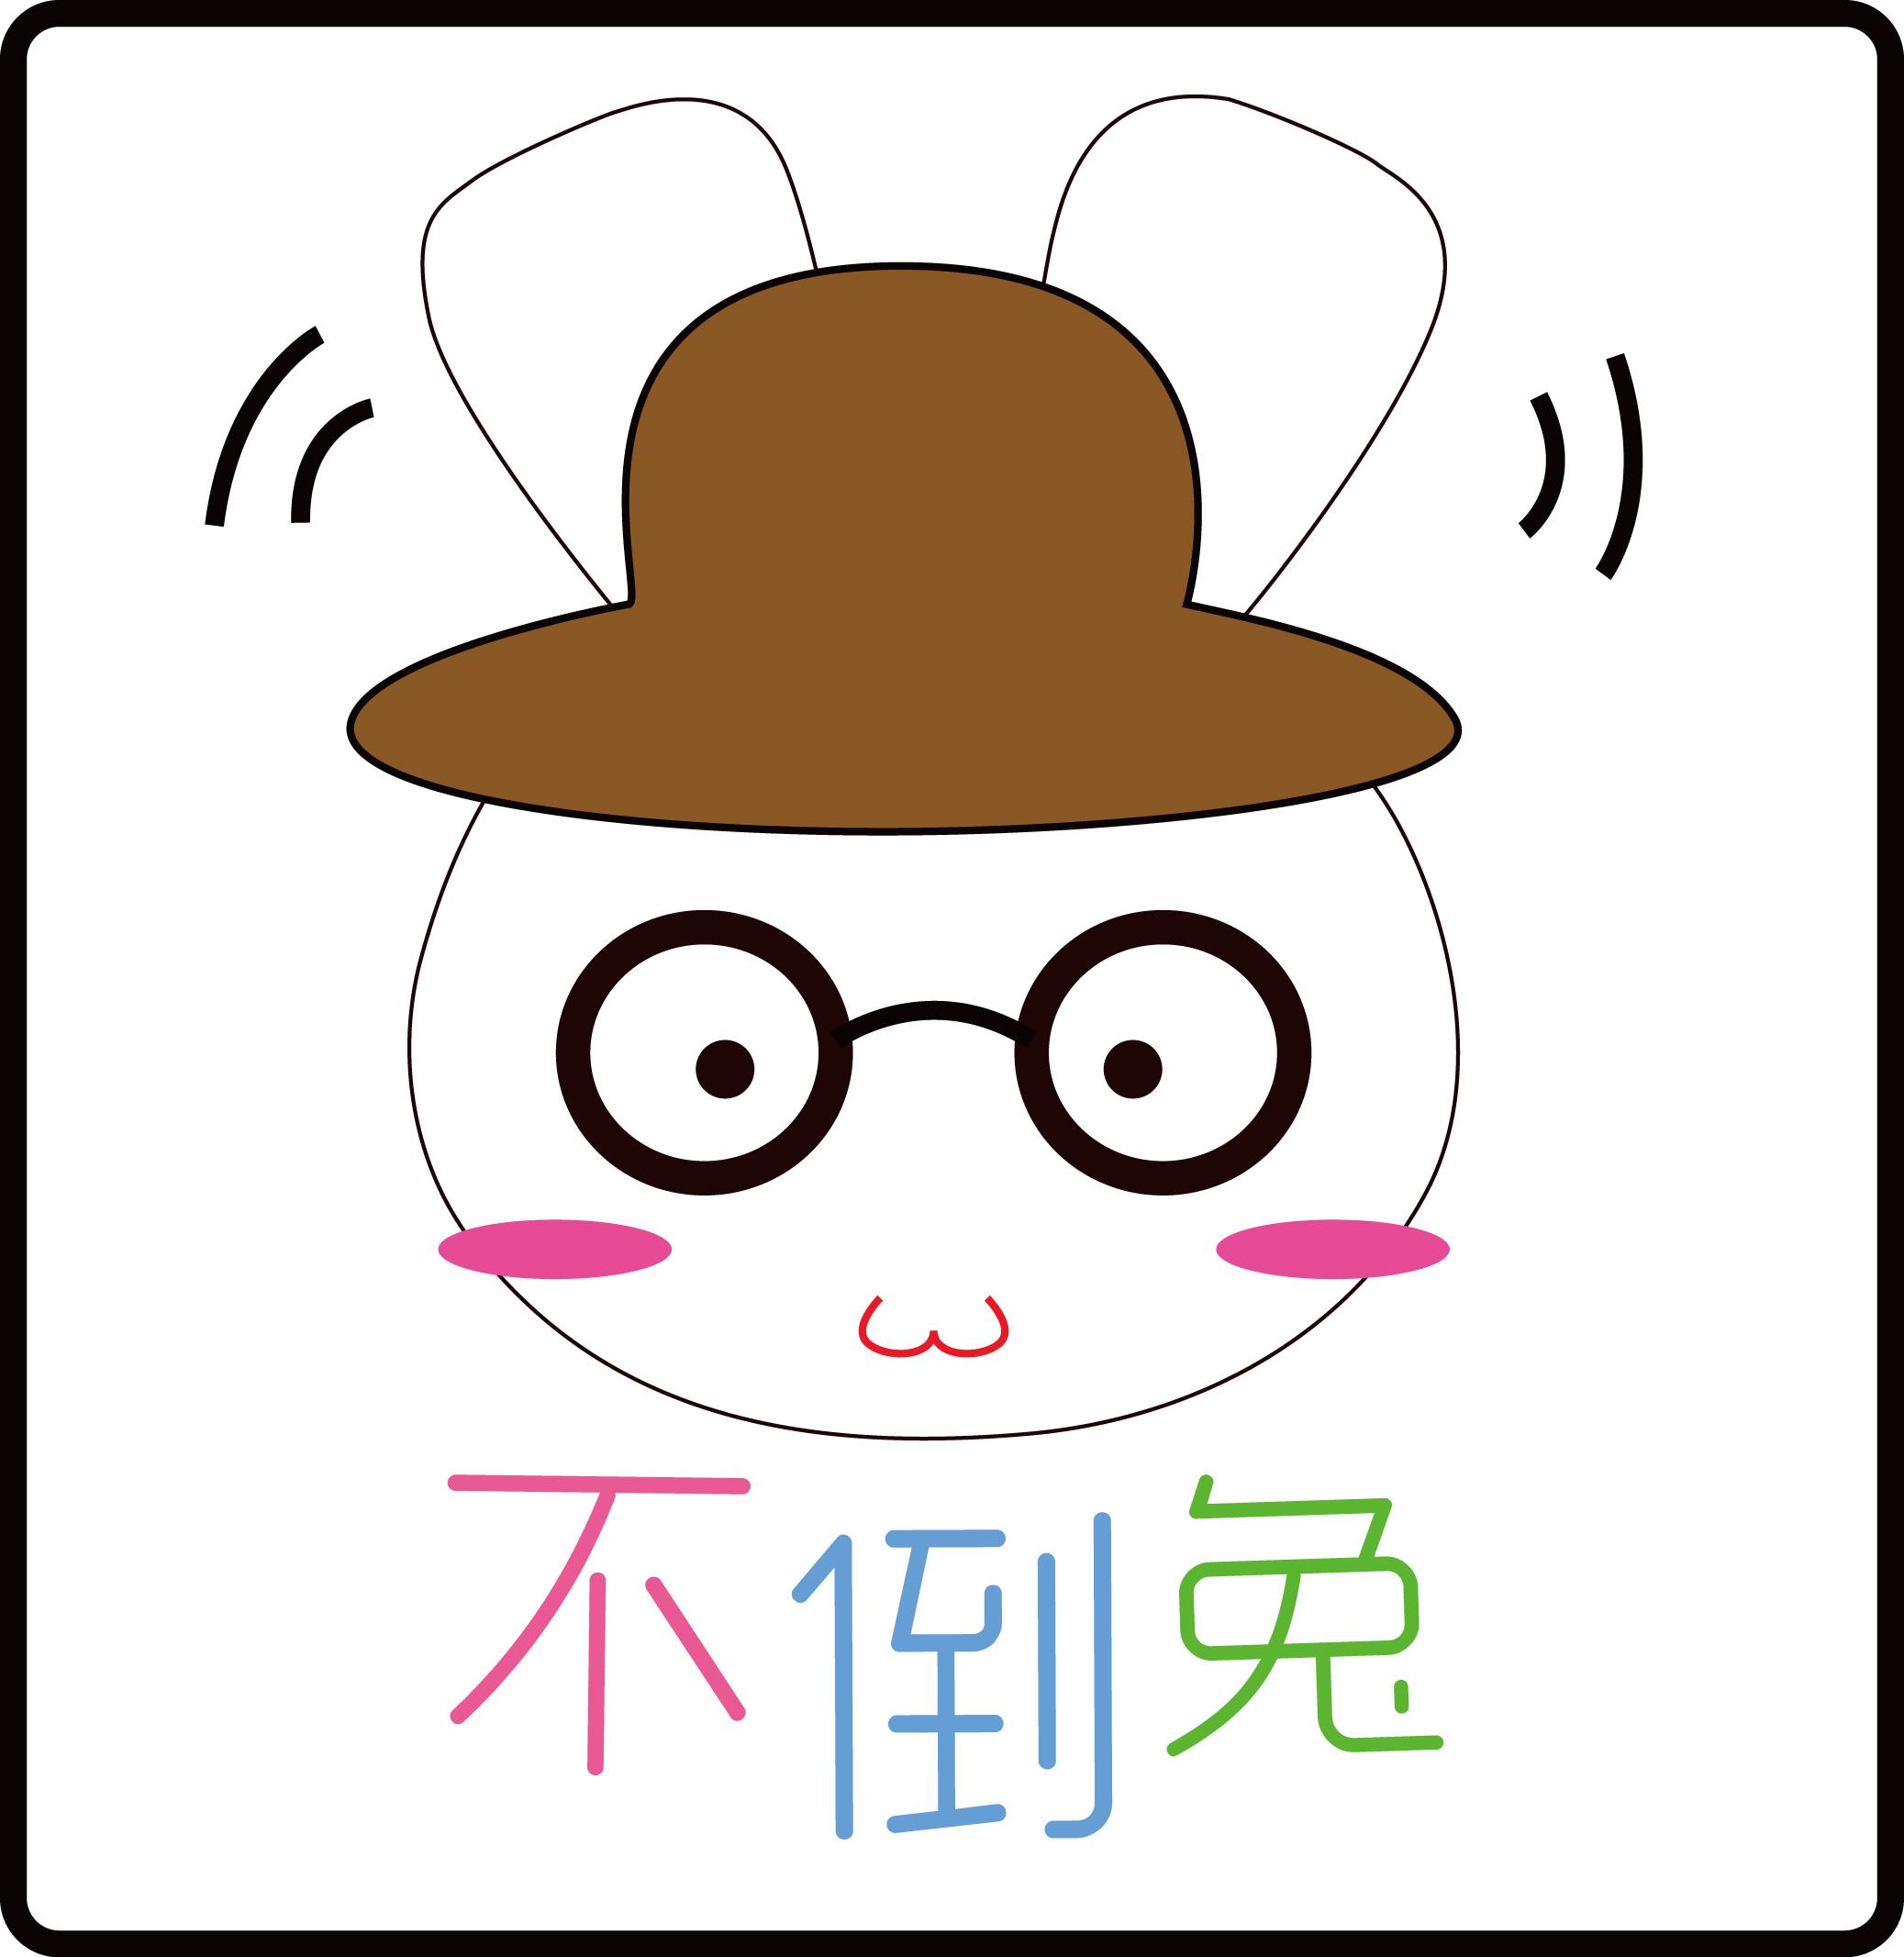 淘宝小店(不倒兔)logo设计_guanabout_店标设计_5578